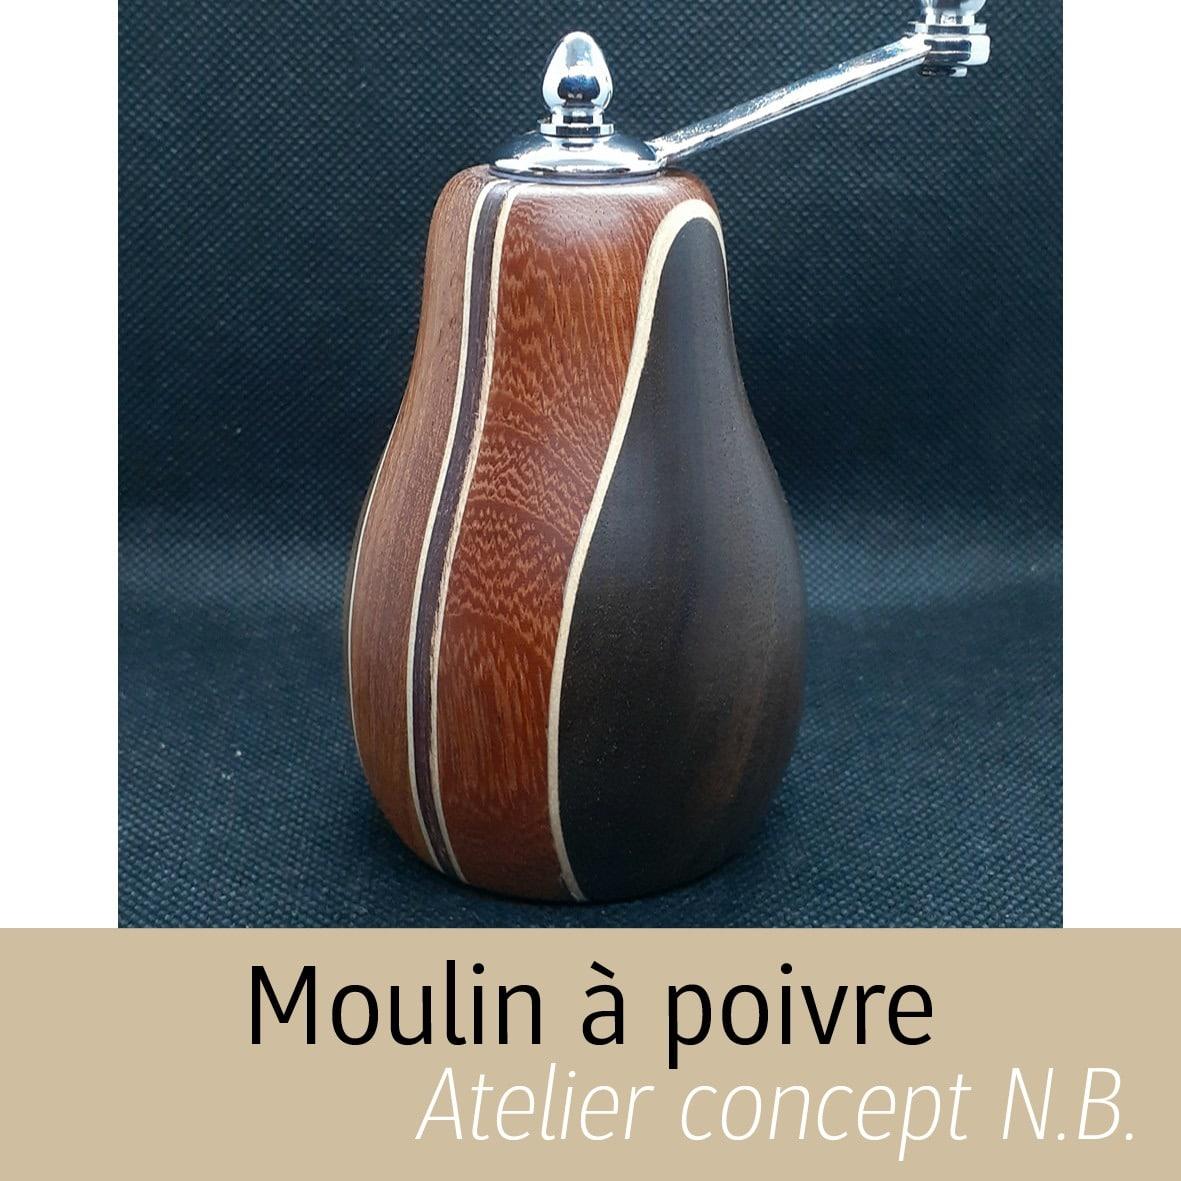 Moulins à poivre en Bois Atelier concept N.B